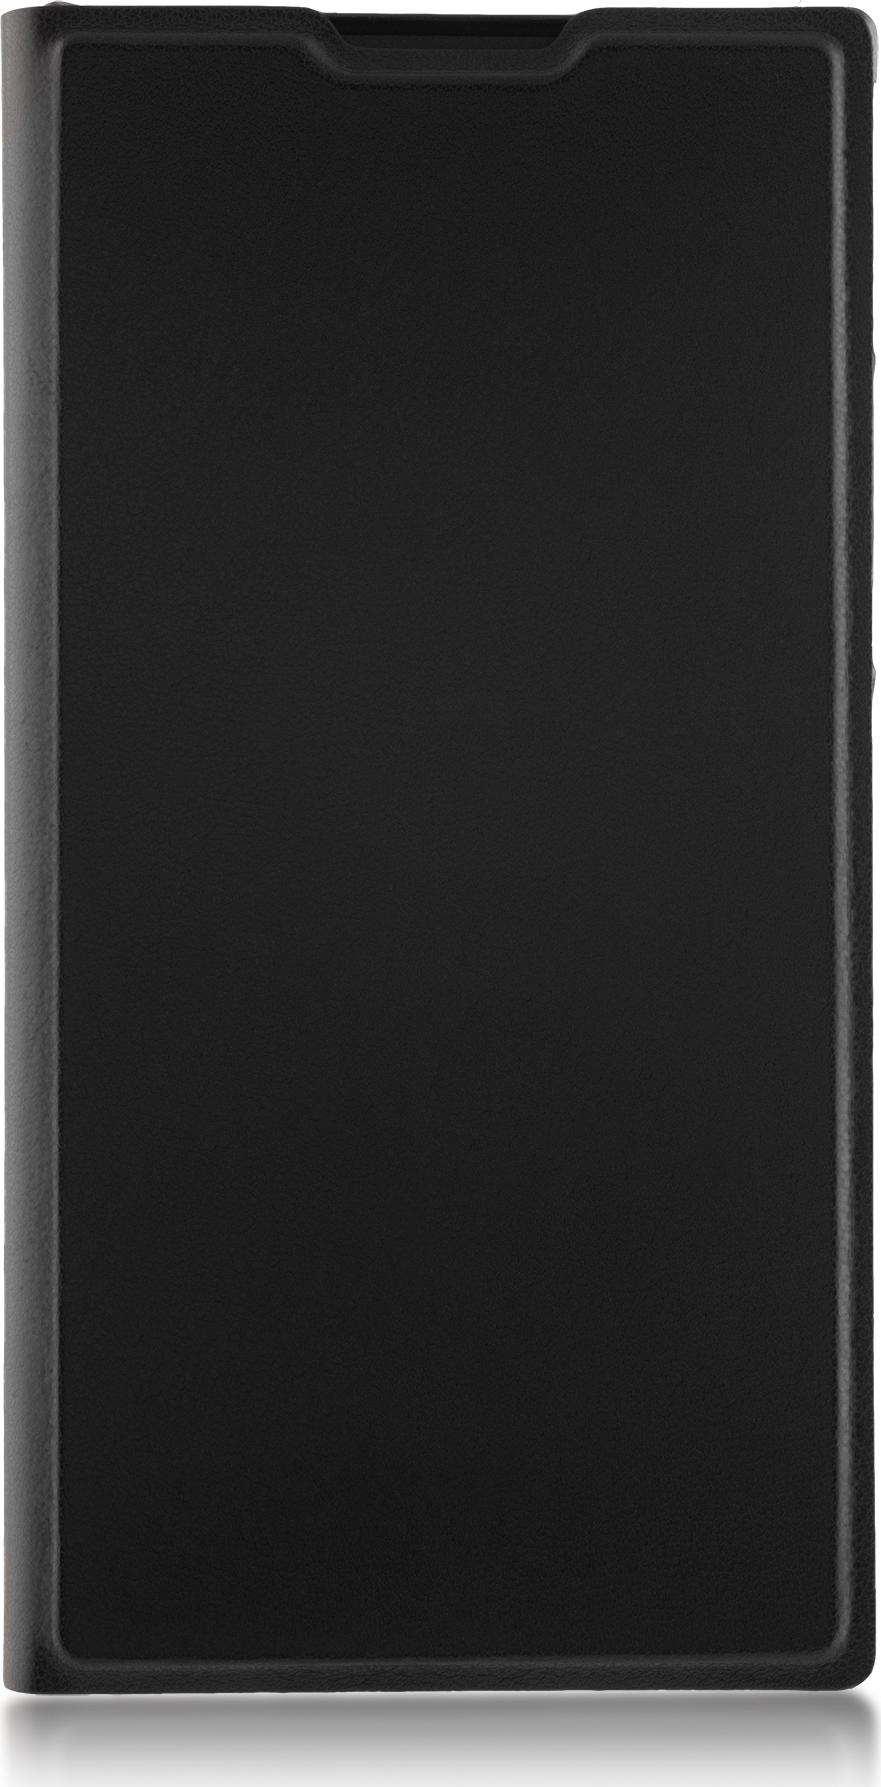 Чехол Brosco Book для Sony Xperia XA2, черный чехол для сотового телефона brosco для sony xa2 ultra xa2u book gold золотой